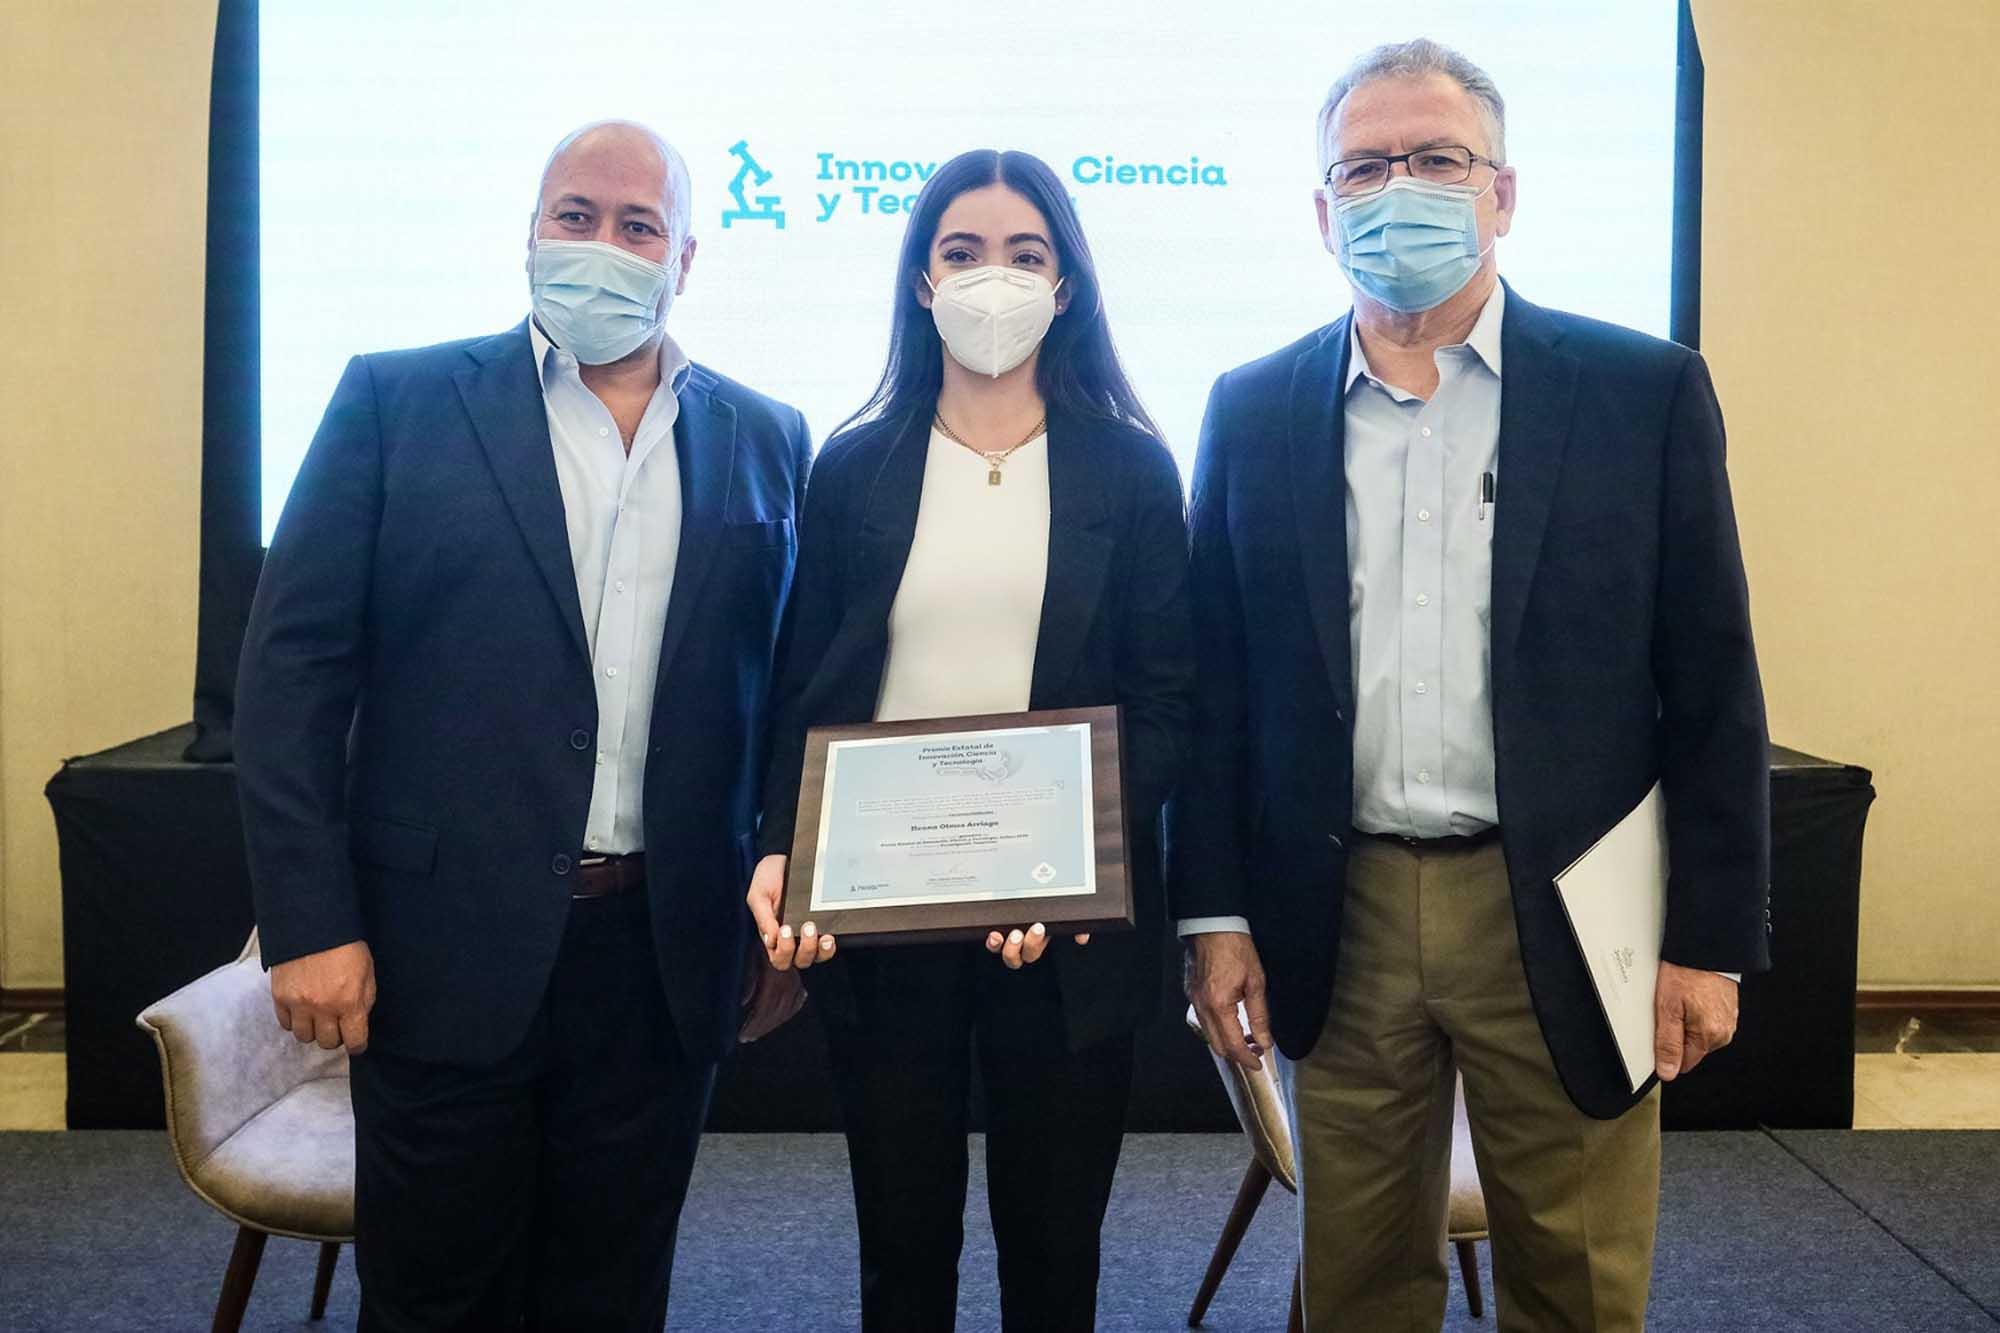 Premio Ciencia y Tecnología 251120